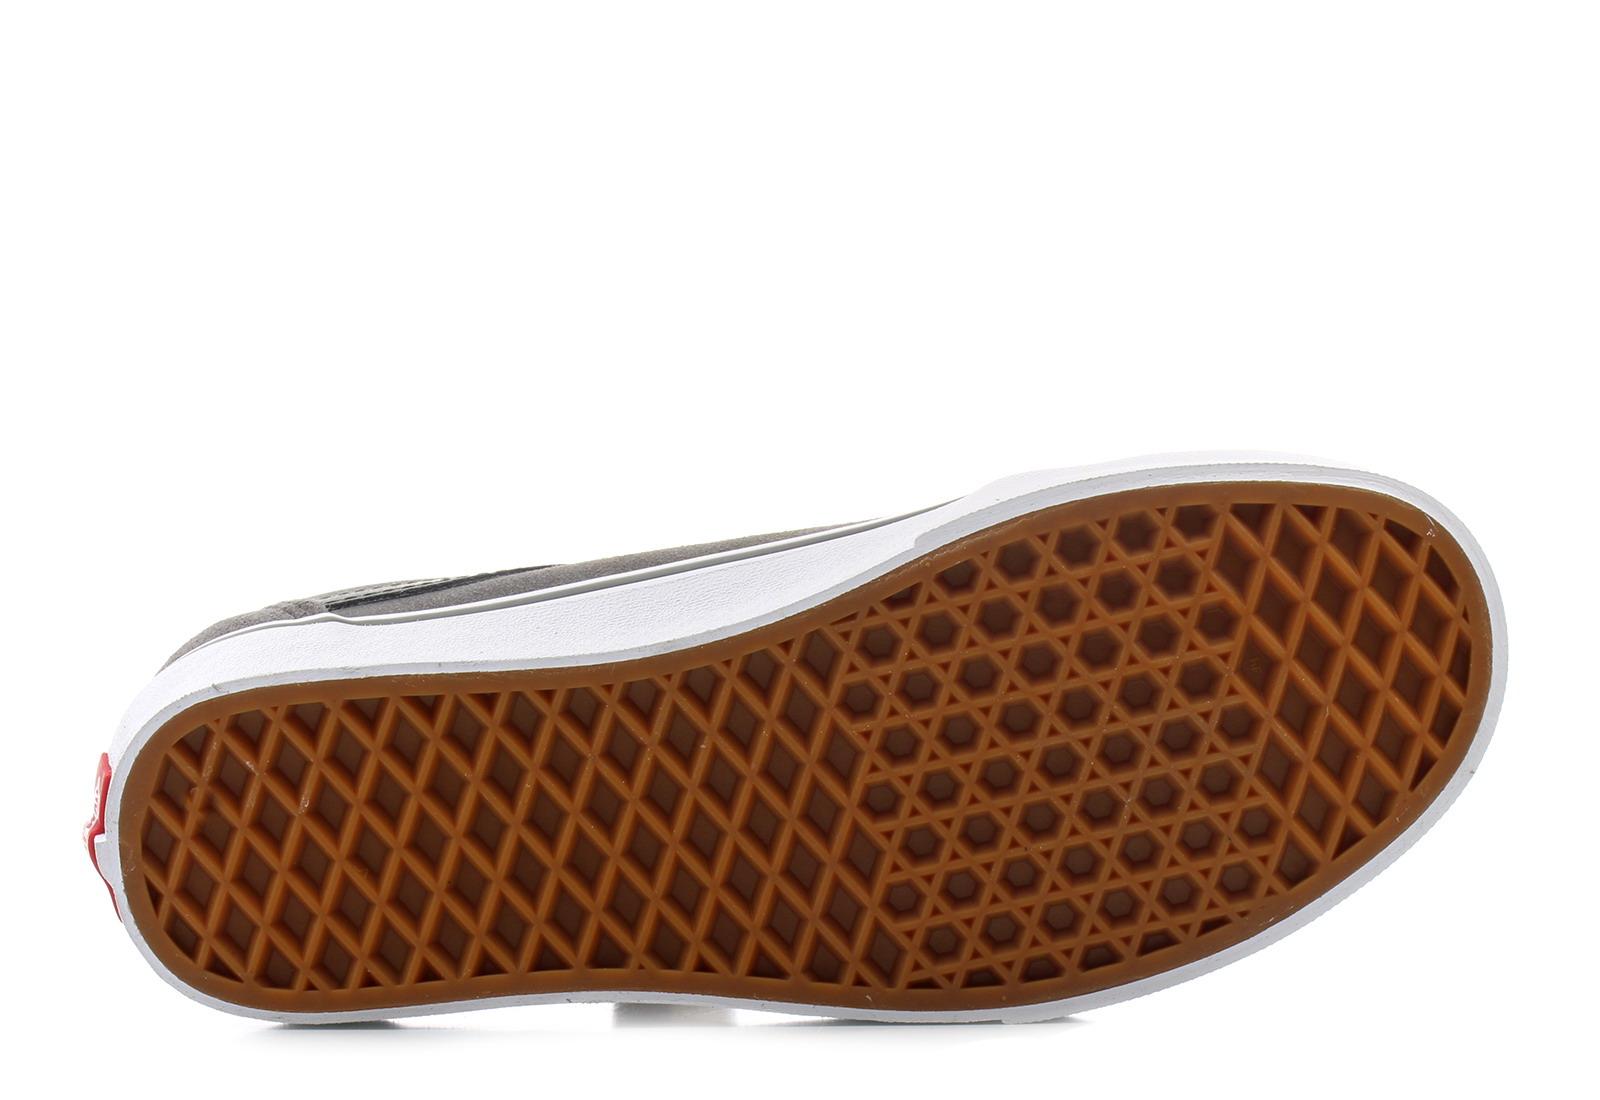 38565125ae Vans Tornacipő - Ward - VA3IUN794 - Office Shoes Magyarország